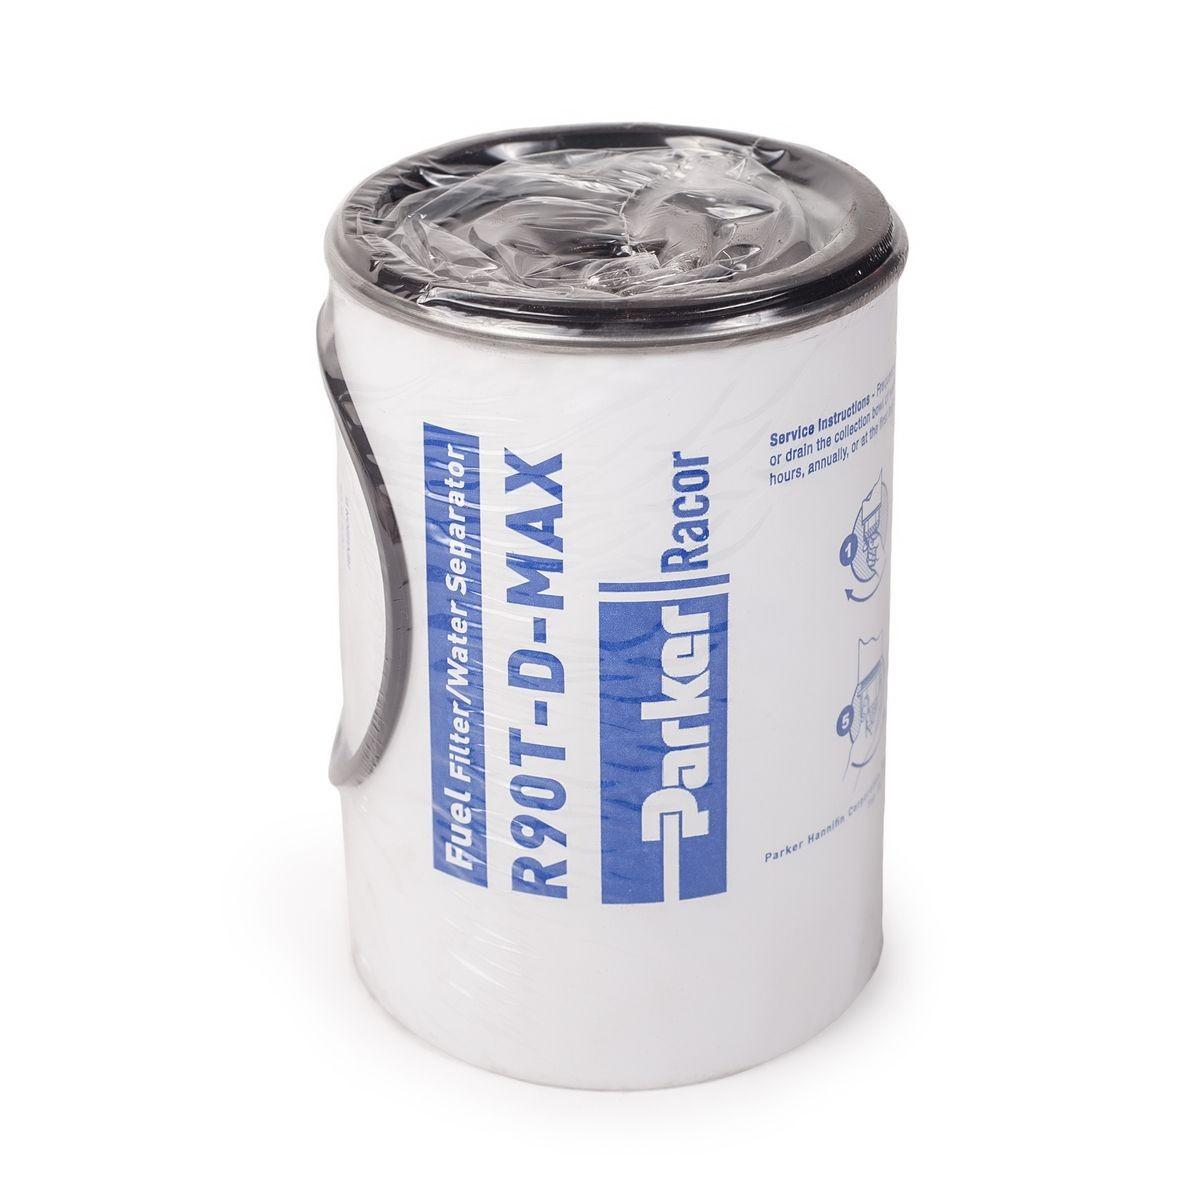 Фильтр топливный КАМАЗ-6520,4308,6522,6540,5460 (10micron) Parker RACOR